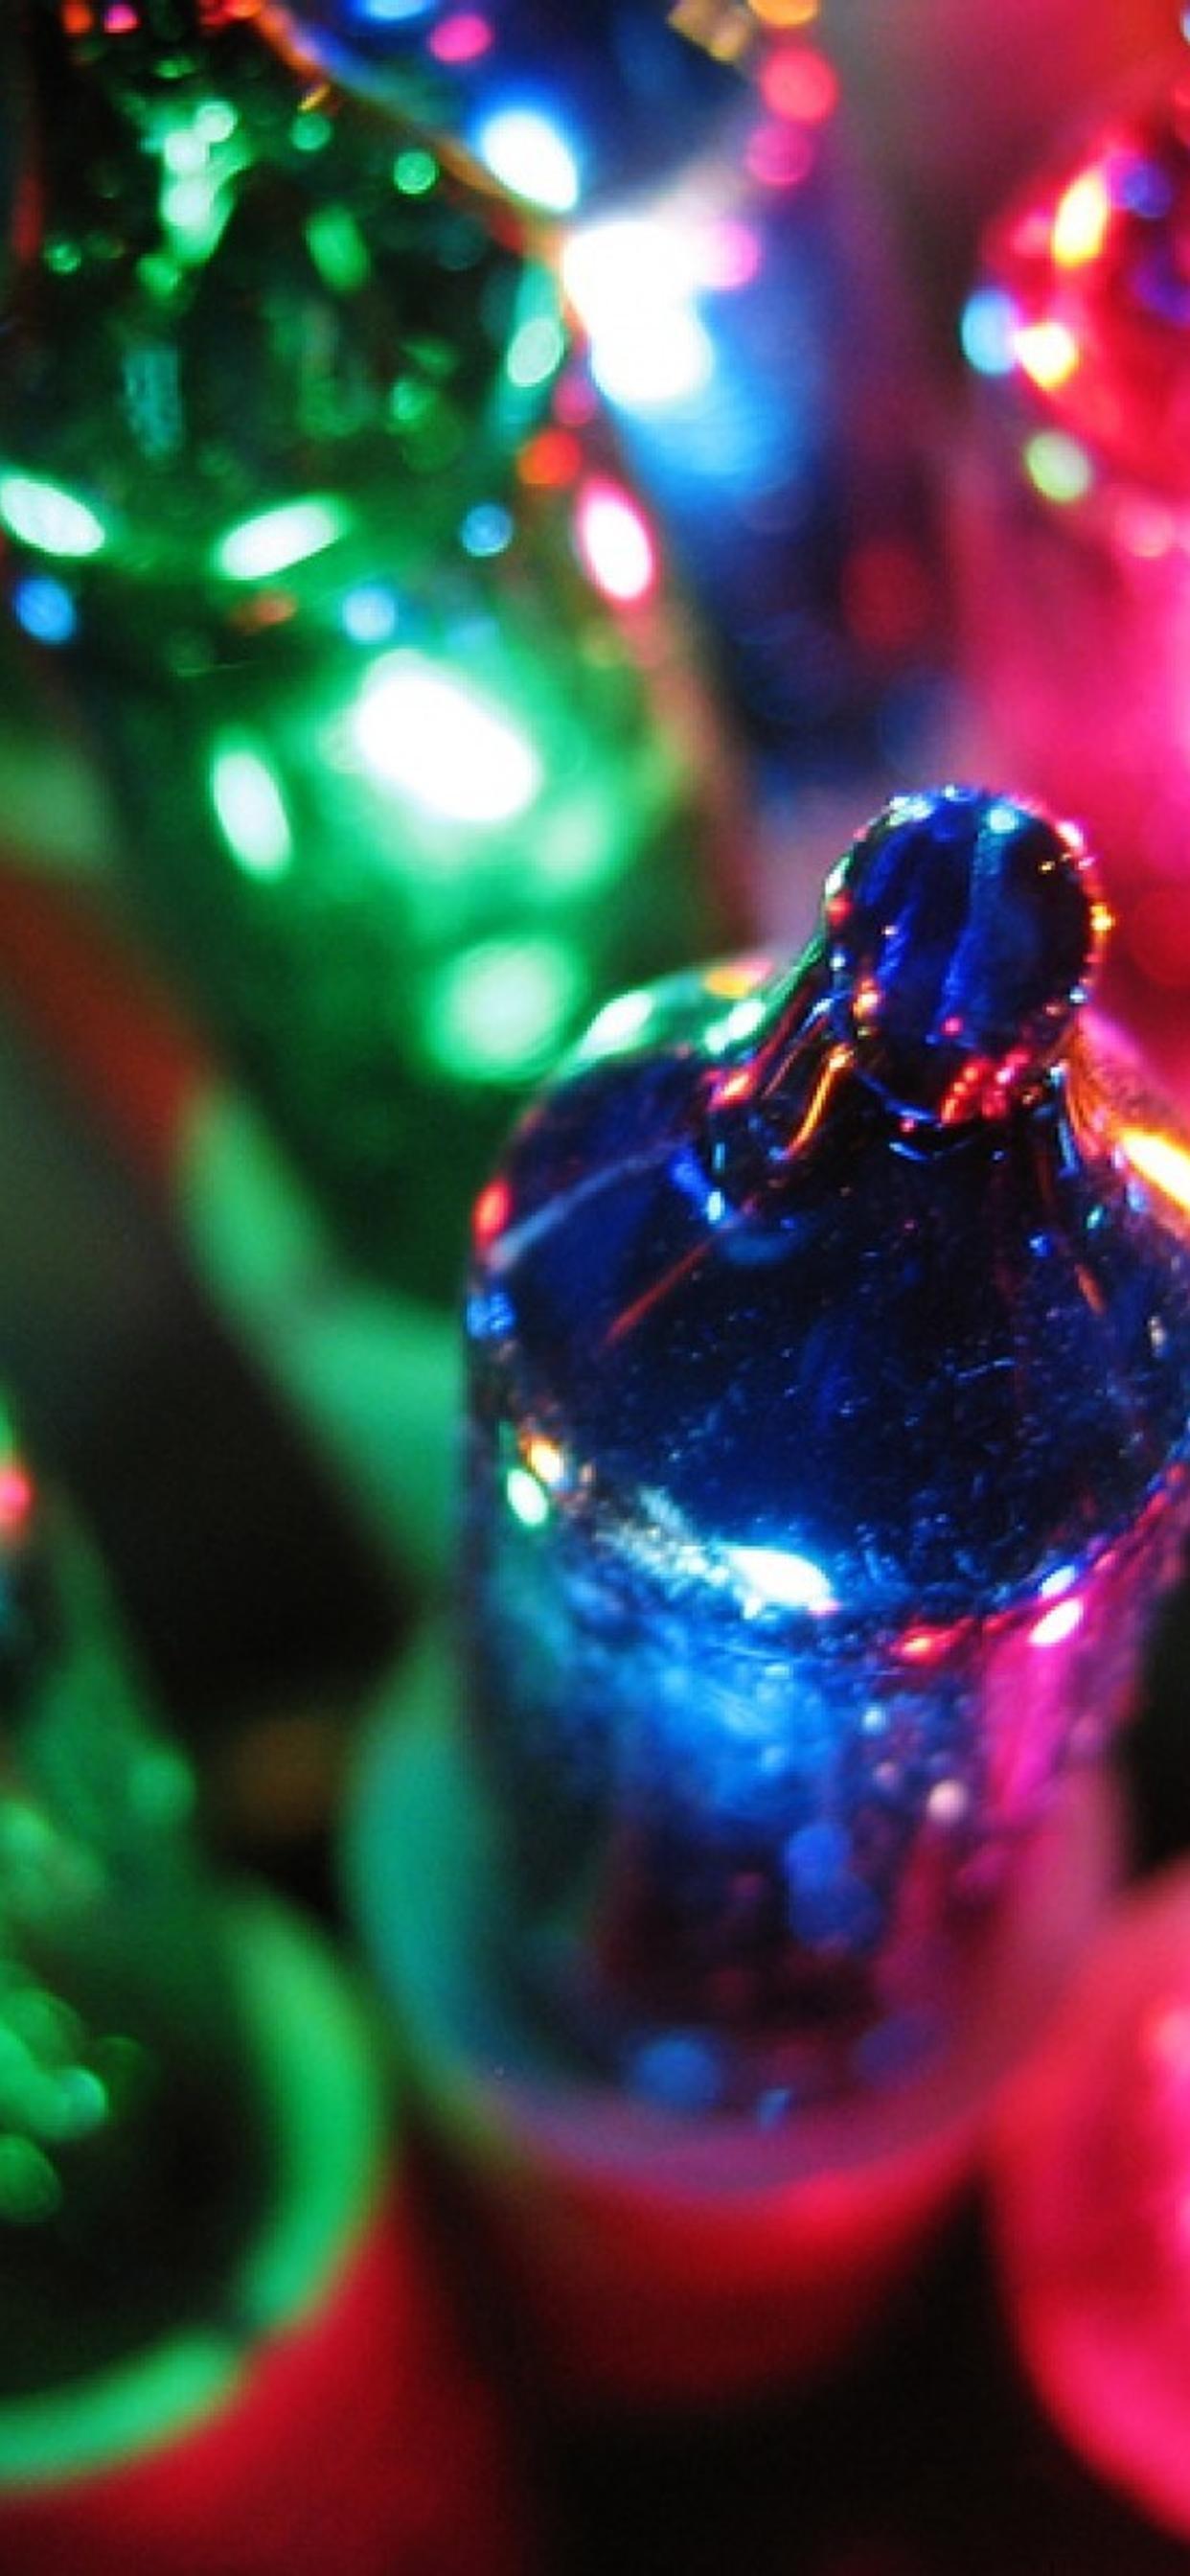 Colorful Christmas Lights Macro Hd Wallpaper